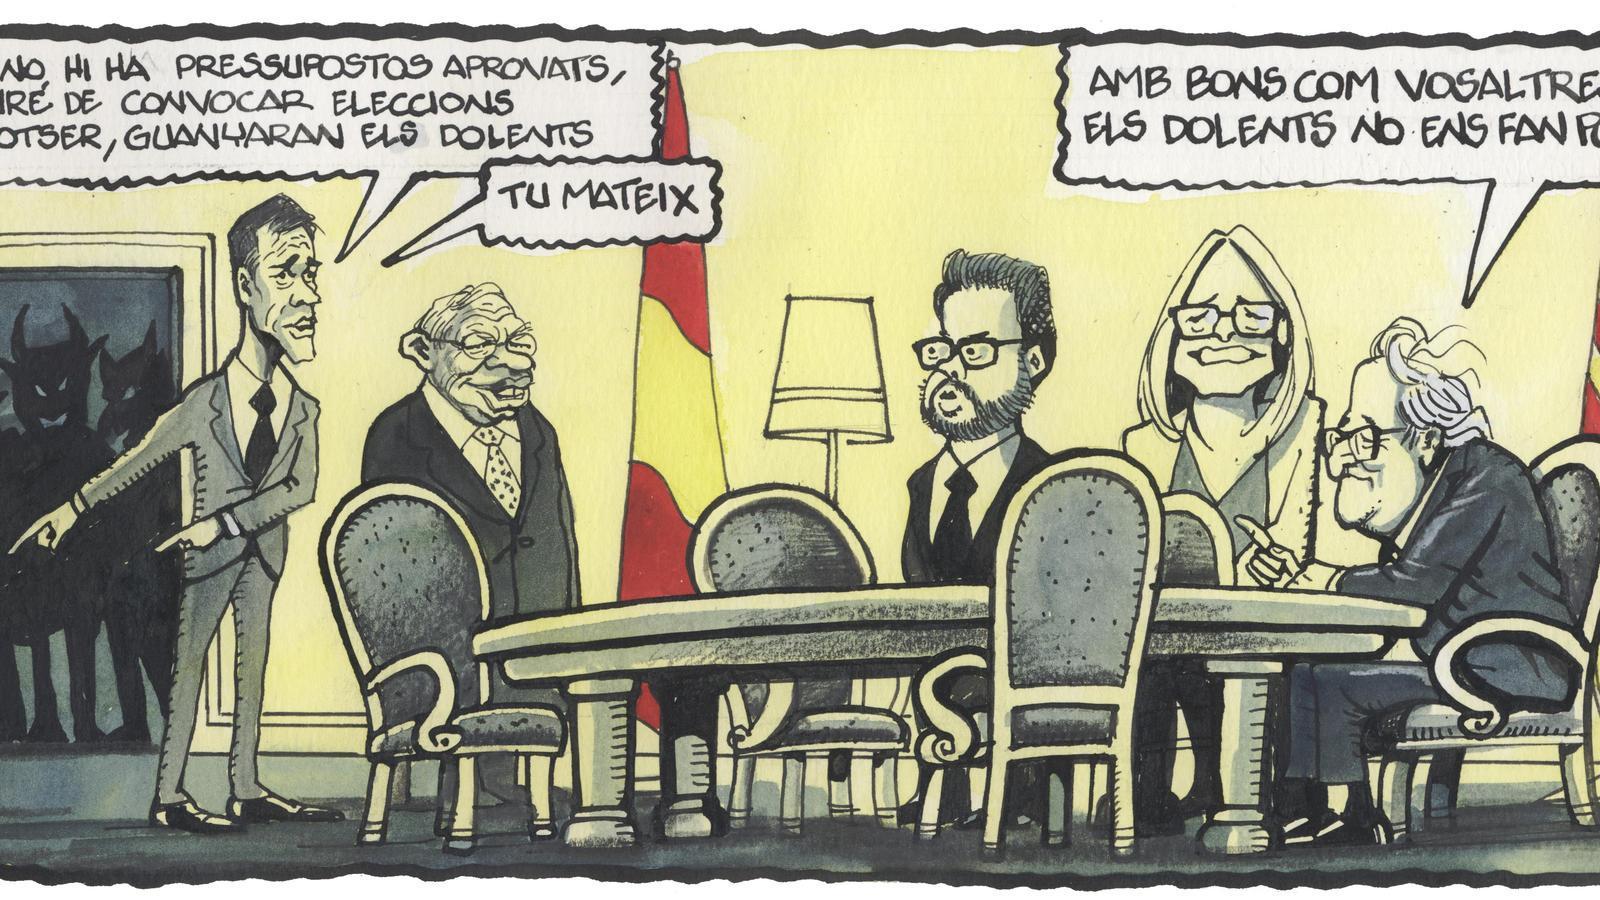 'A la contra', per Ferreres (14/02/2019)